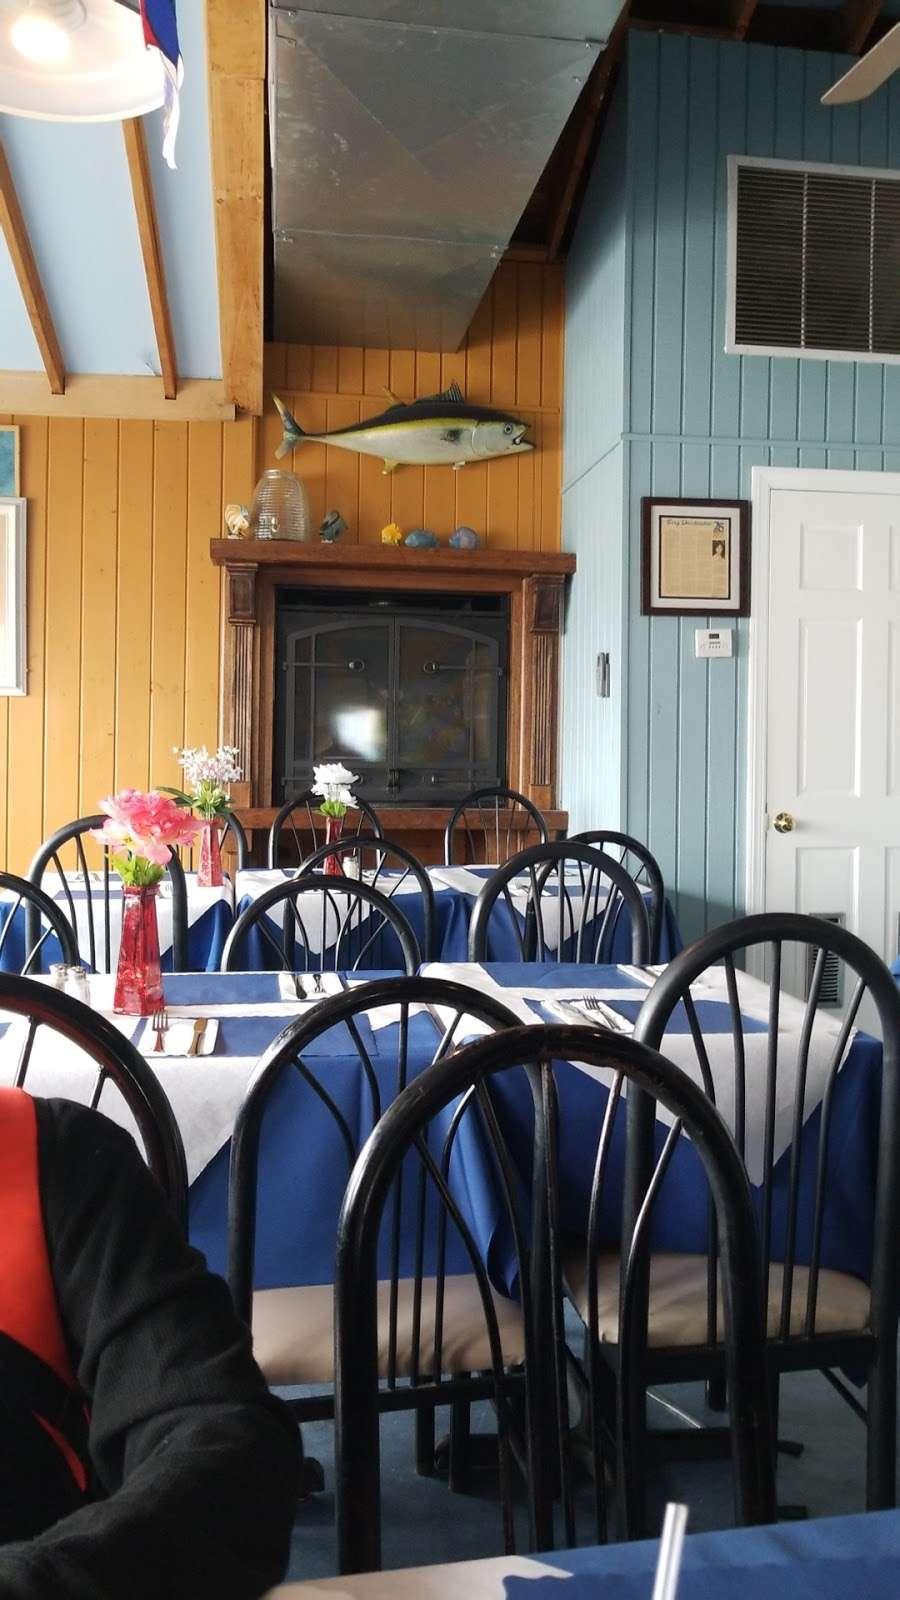 Ice House Cafe 140 Reynolds Ave Bronx Ny 10465 Usa